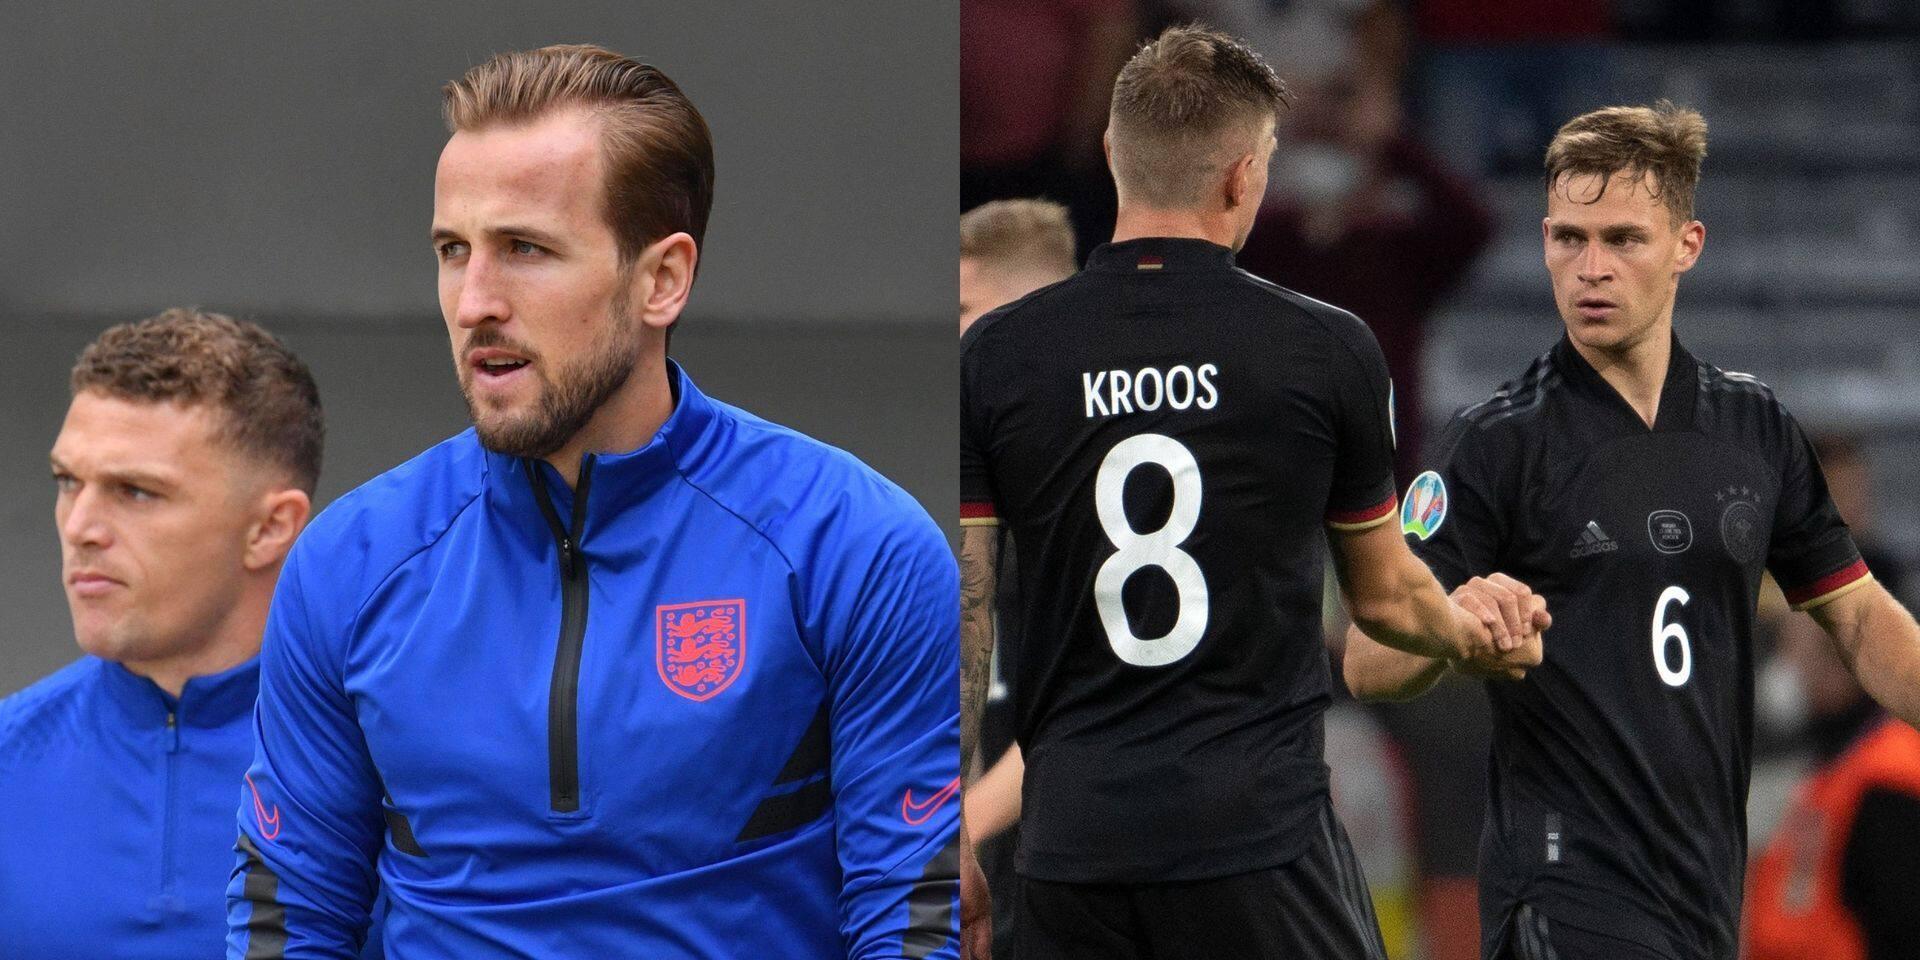 Angleterre-Allemagne: une affiche de rêve et un match de la peur